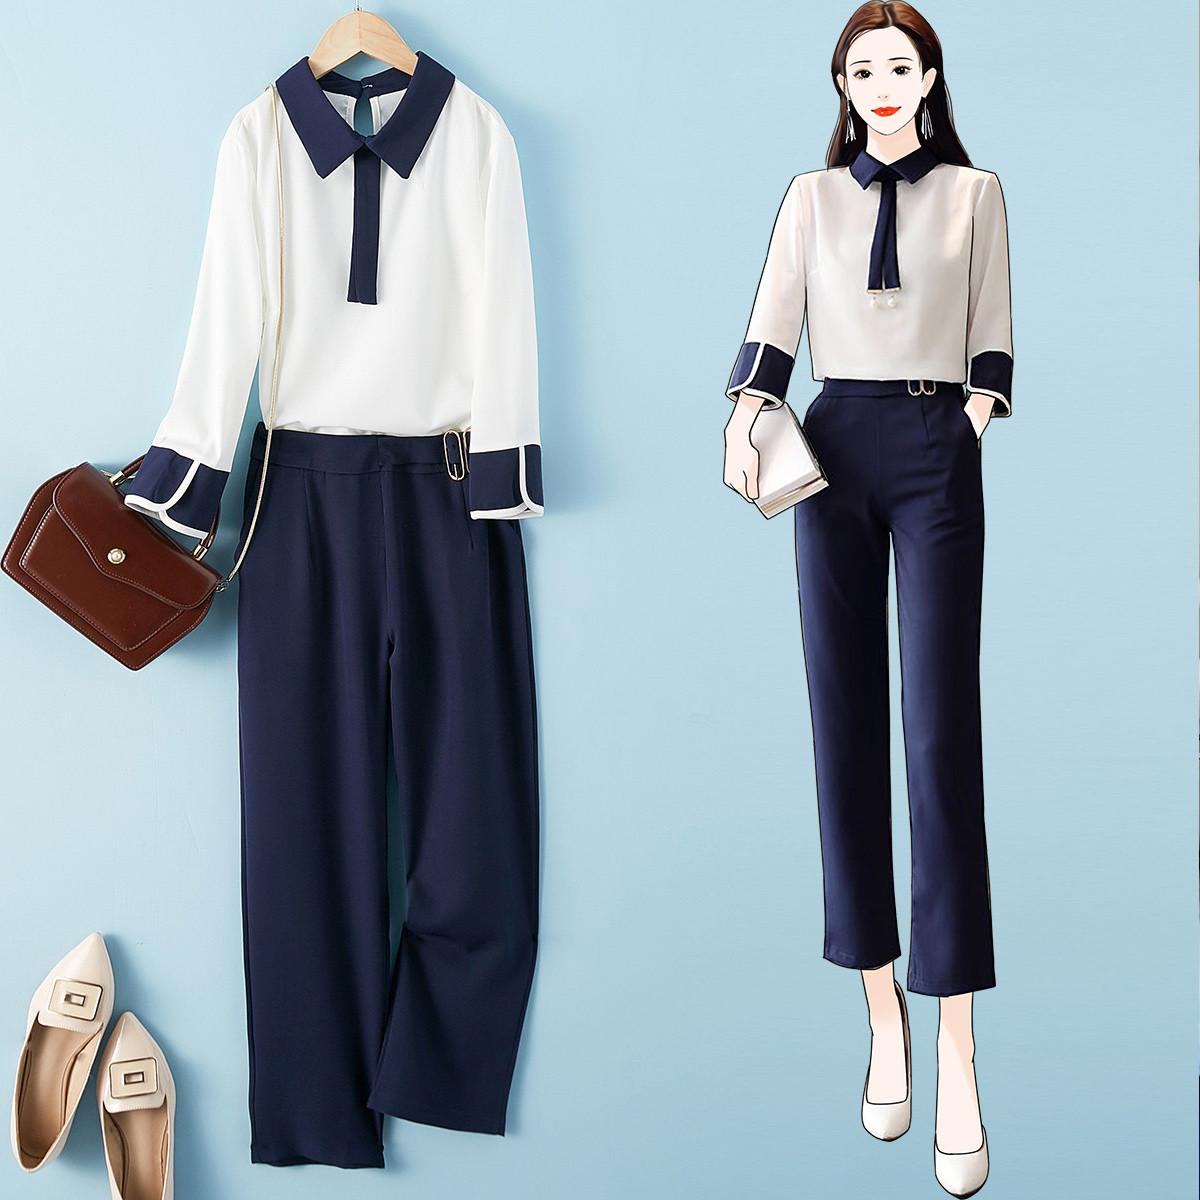 名媛气质小香风时尚职业衬衫2020秋季新款女装小脚裤两件套